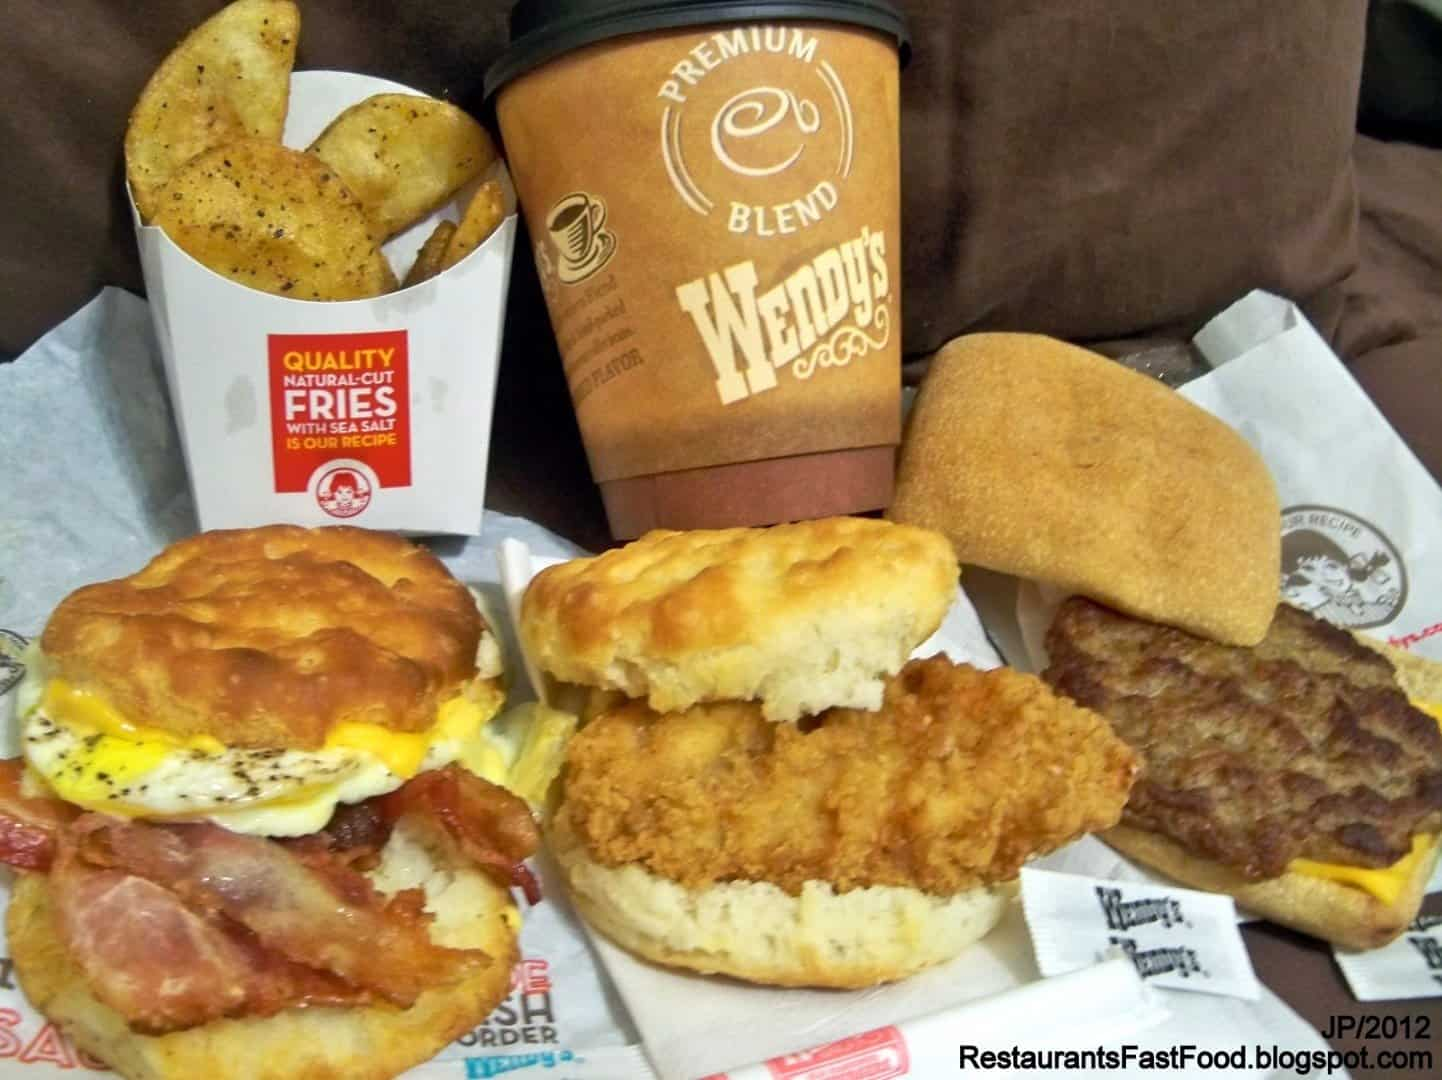 Ten Best Fast Food Restaurants